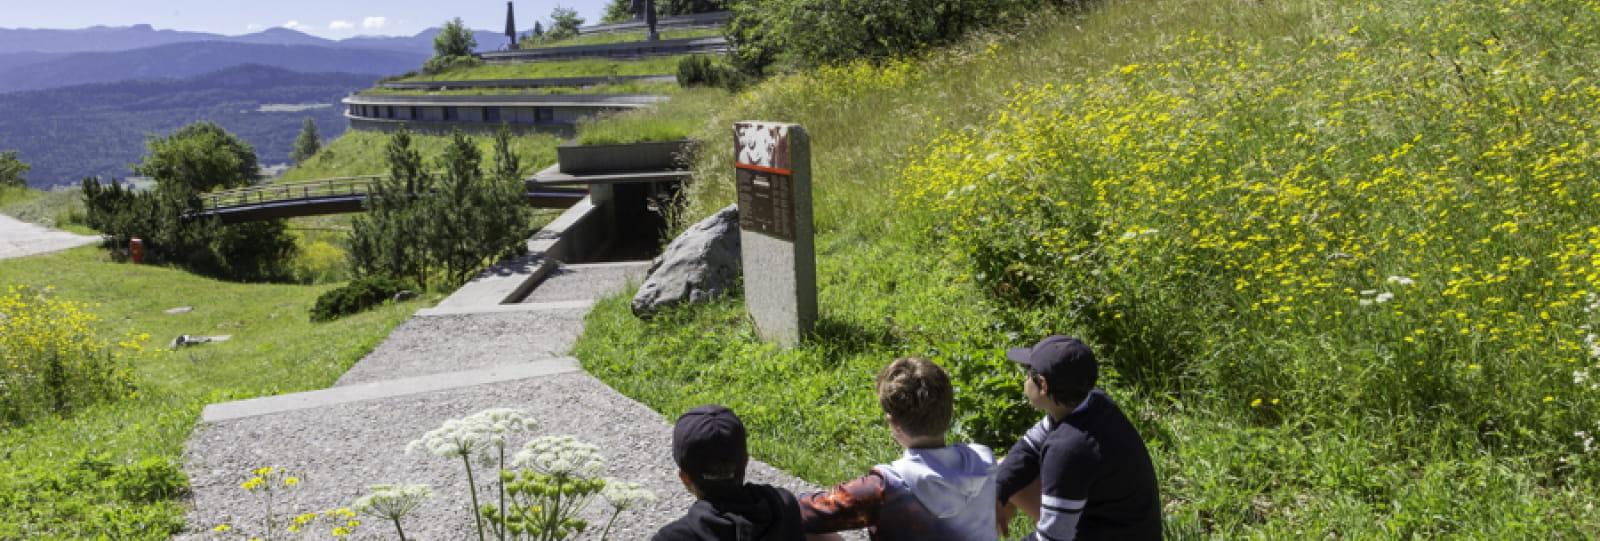 Mémorial de la Résistance en Vercors